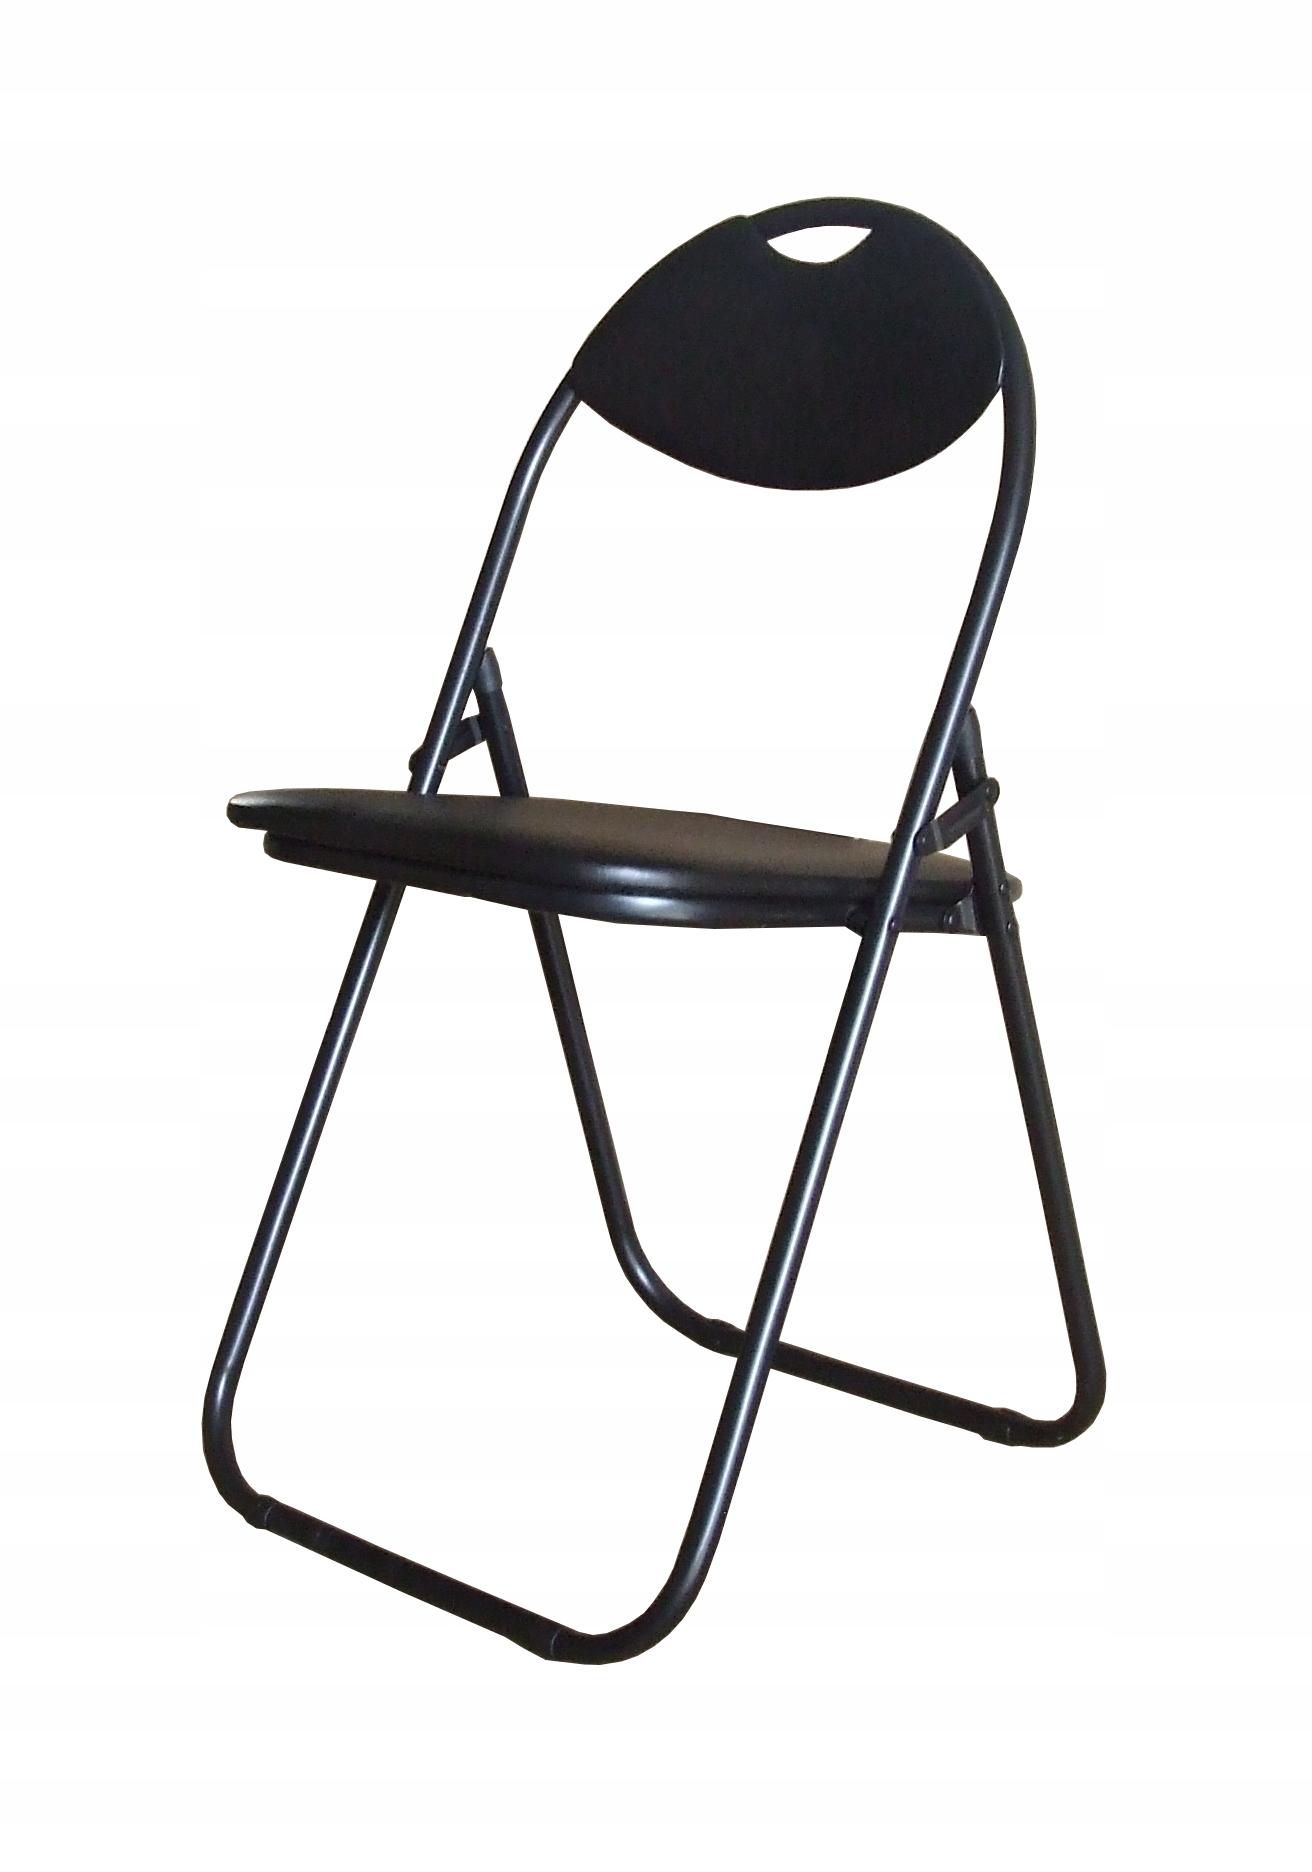 Krzesło składane model B czarny / czarny ZM FARTA